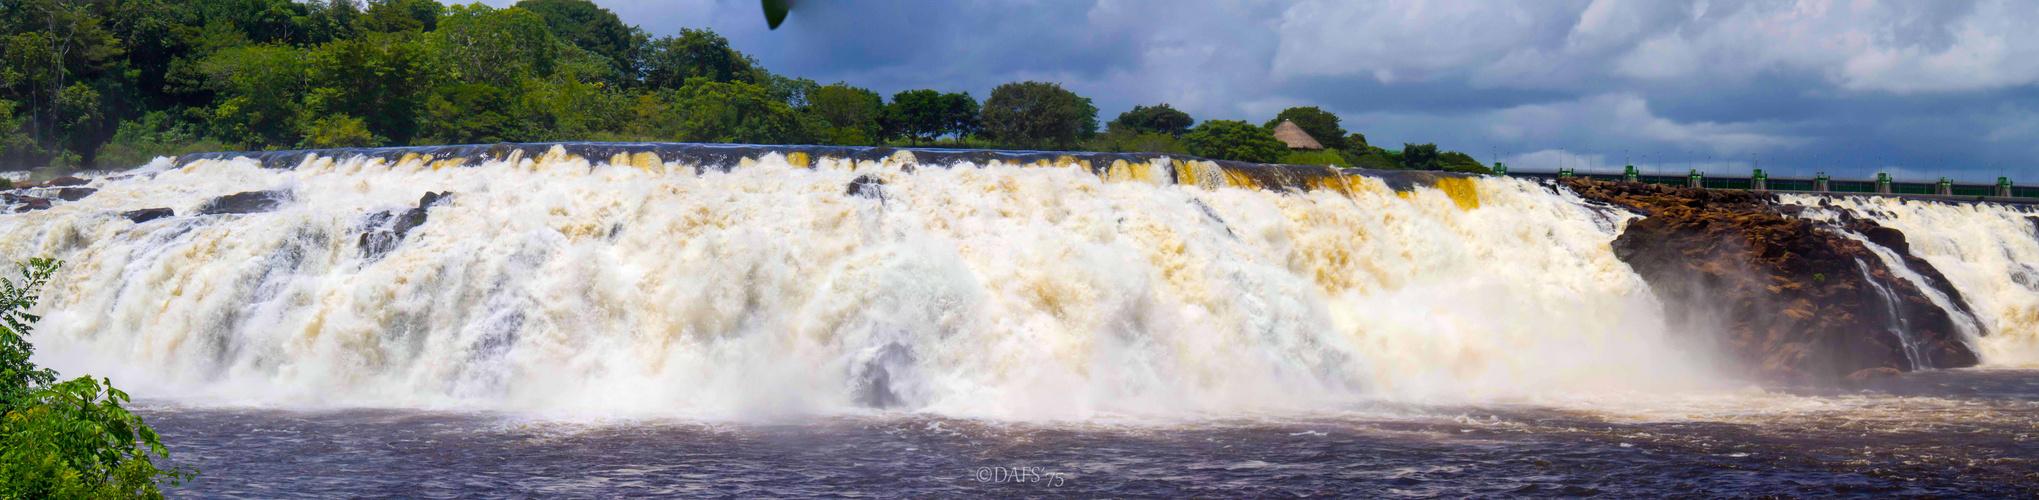 Parque La LLOVIZNA-Ciudad Guayana, Venezuela